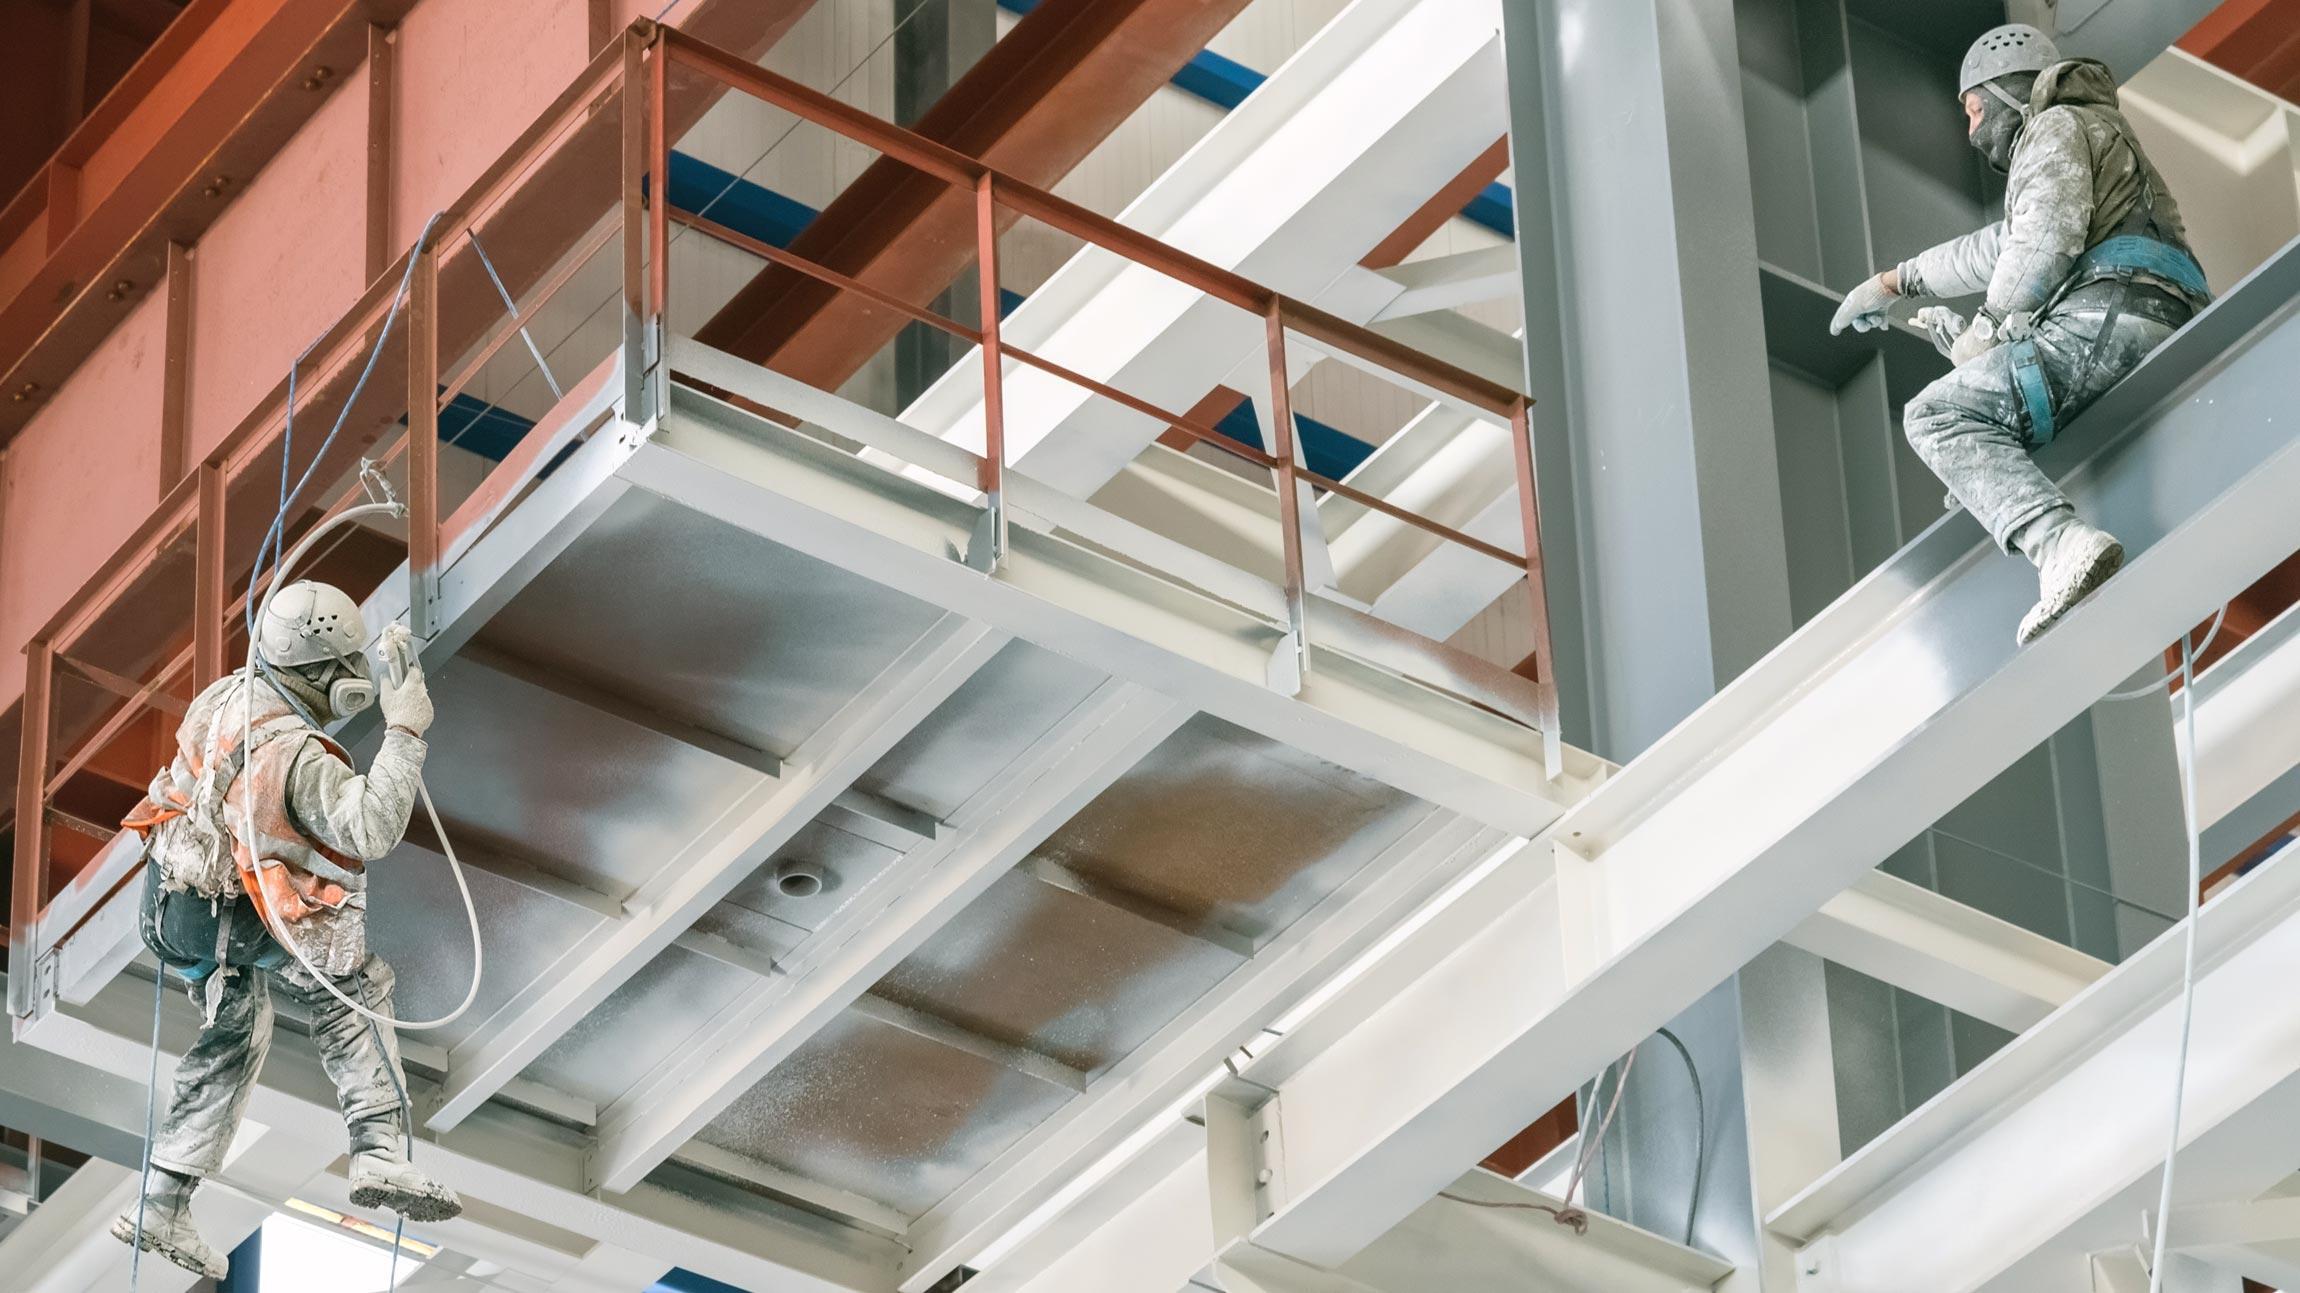 Korkealaatuiset ja monipuoliset maalauspalvelut ja pintakäsittelypalvelut kaikkien teollisuusalojen tarpeisiin